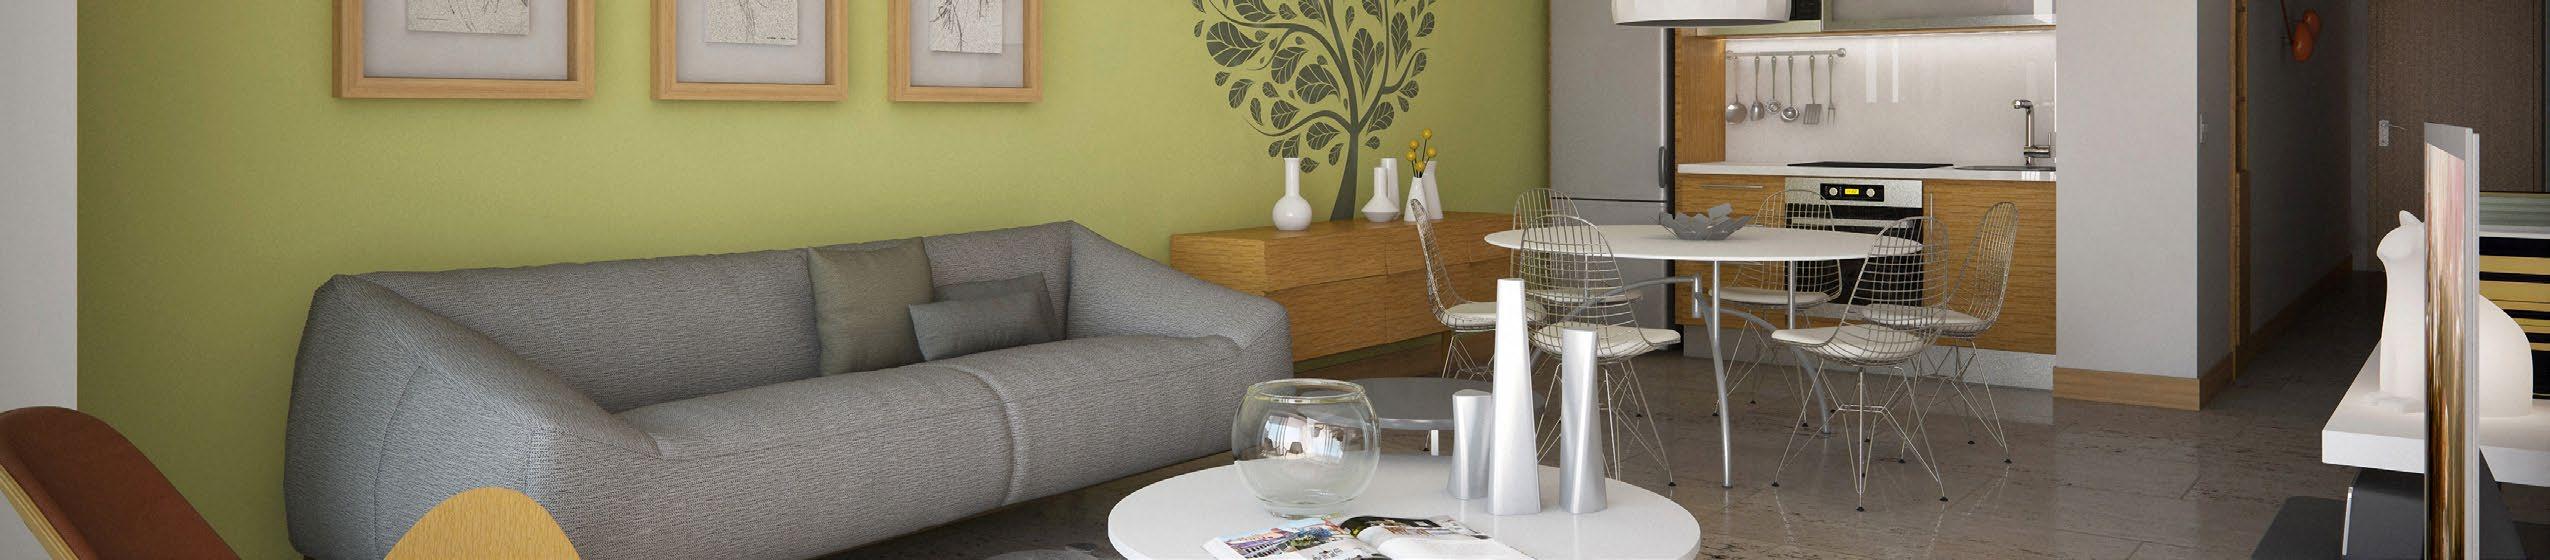 Aquarella Living Room